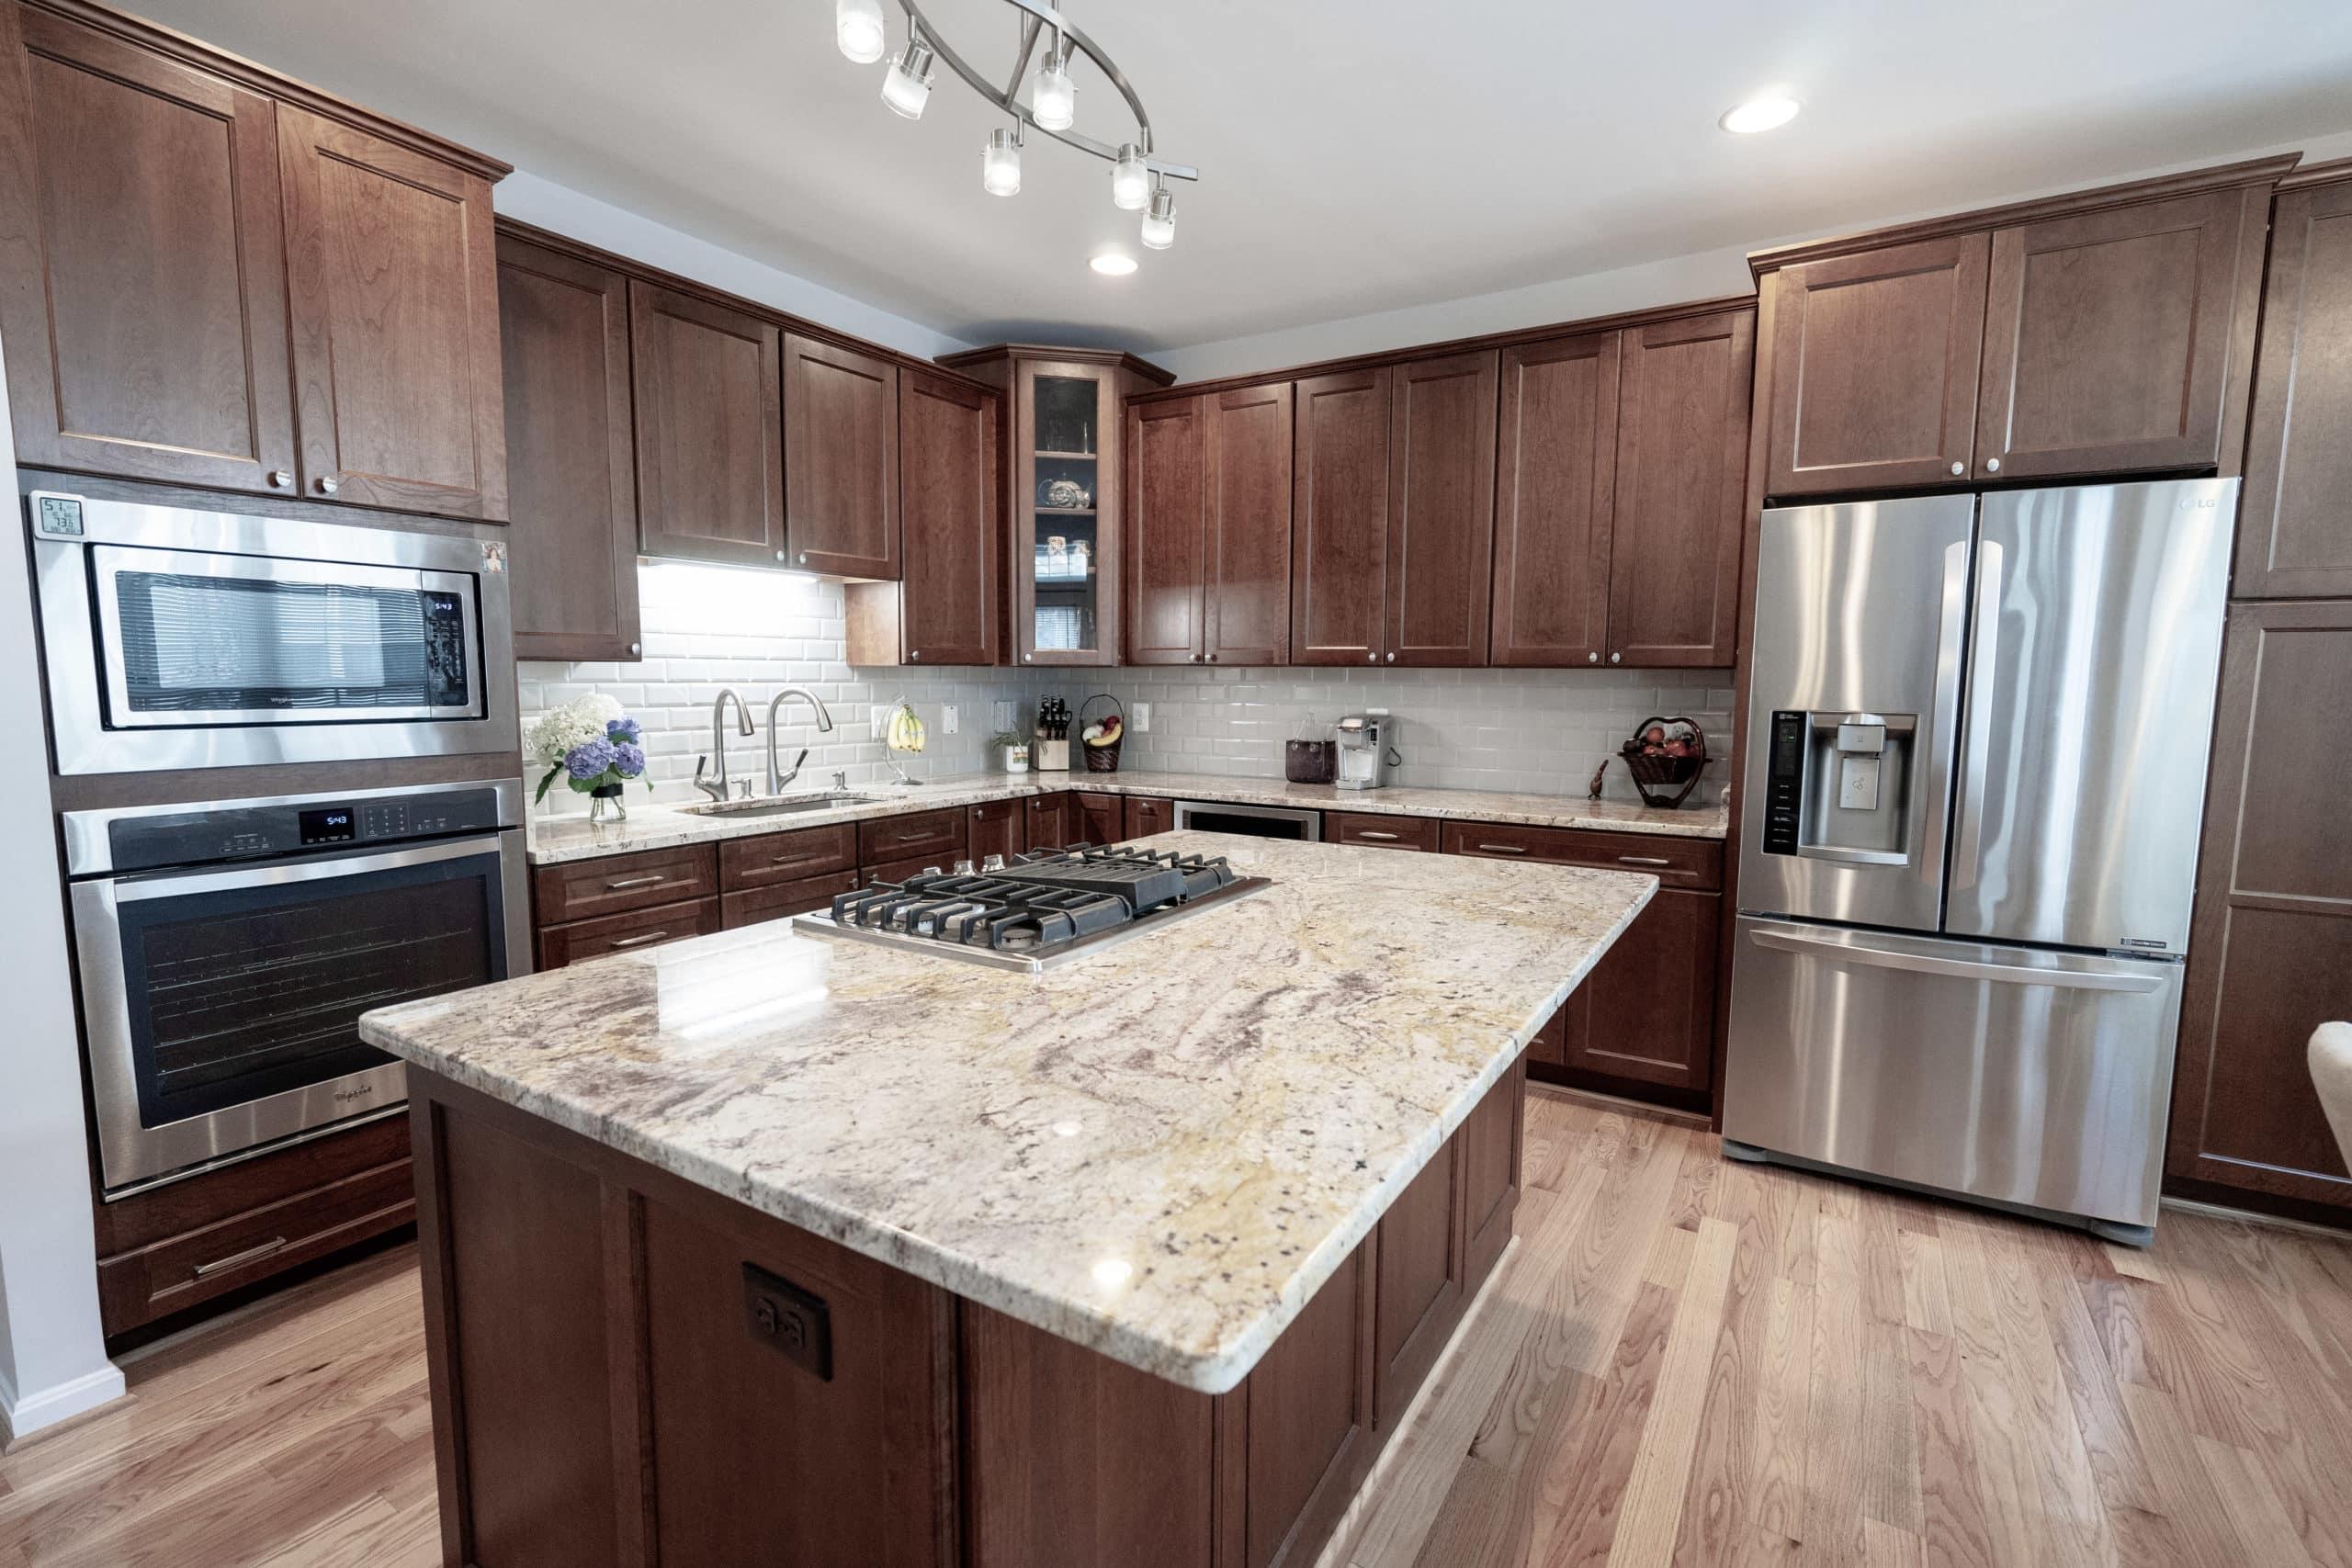 Kitchen Remodeling In Fairfax, VA